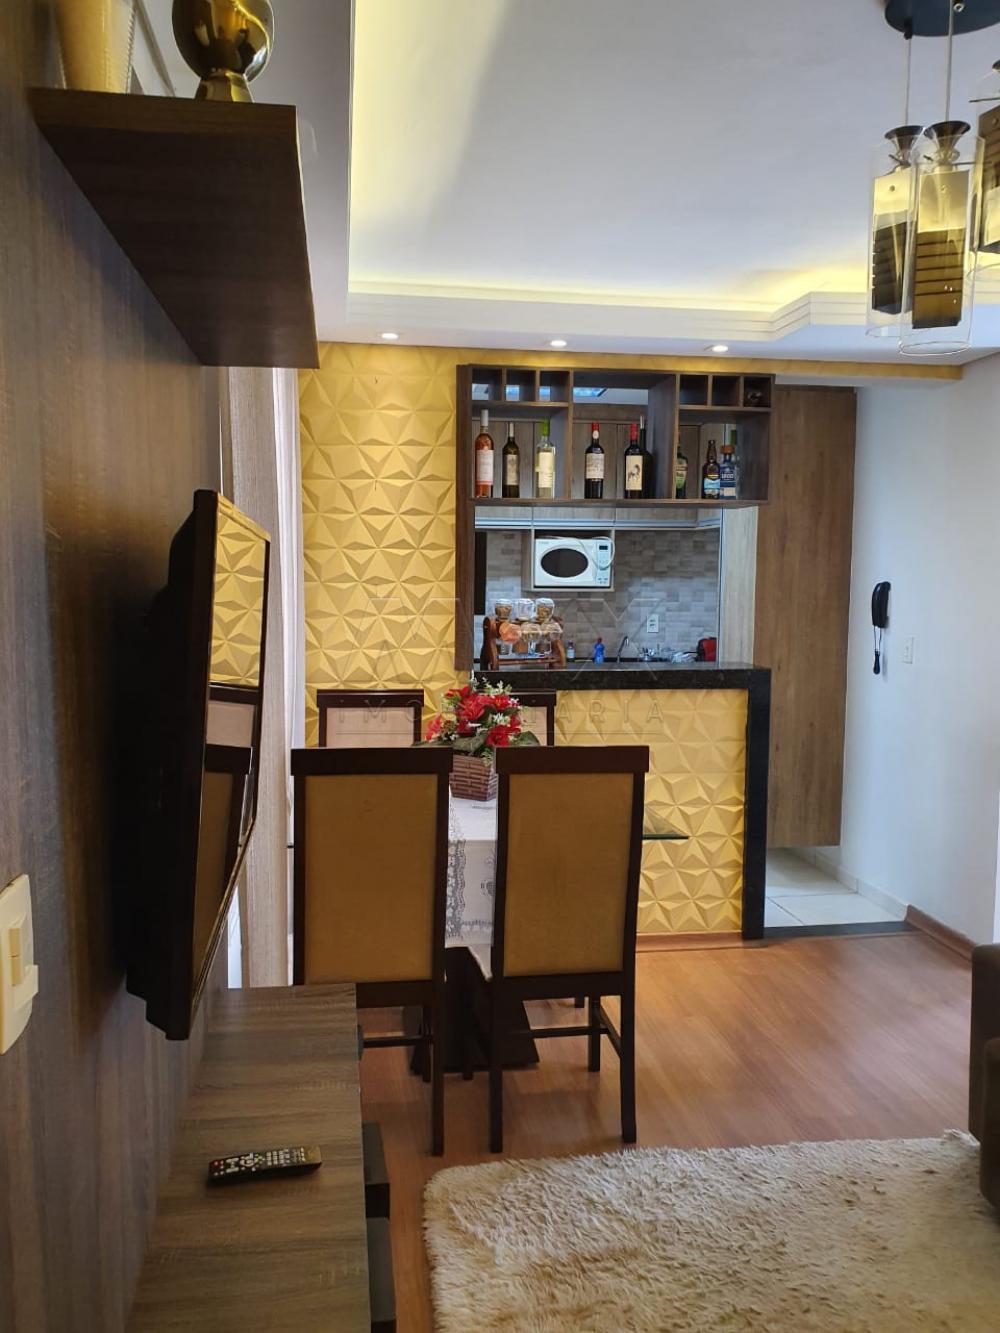 Alugar Apartamento / Padrão em Bauru R$ 900,00 - Foto 9